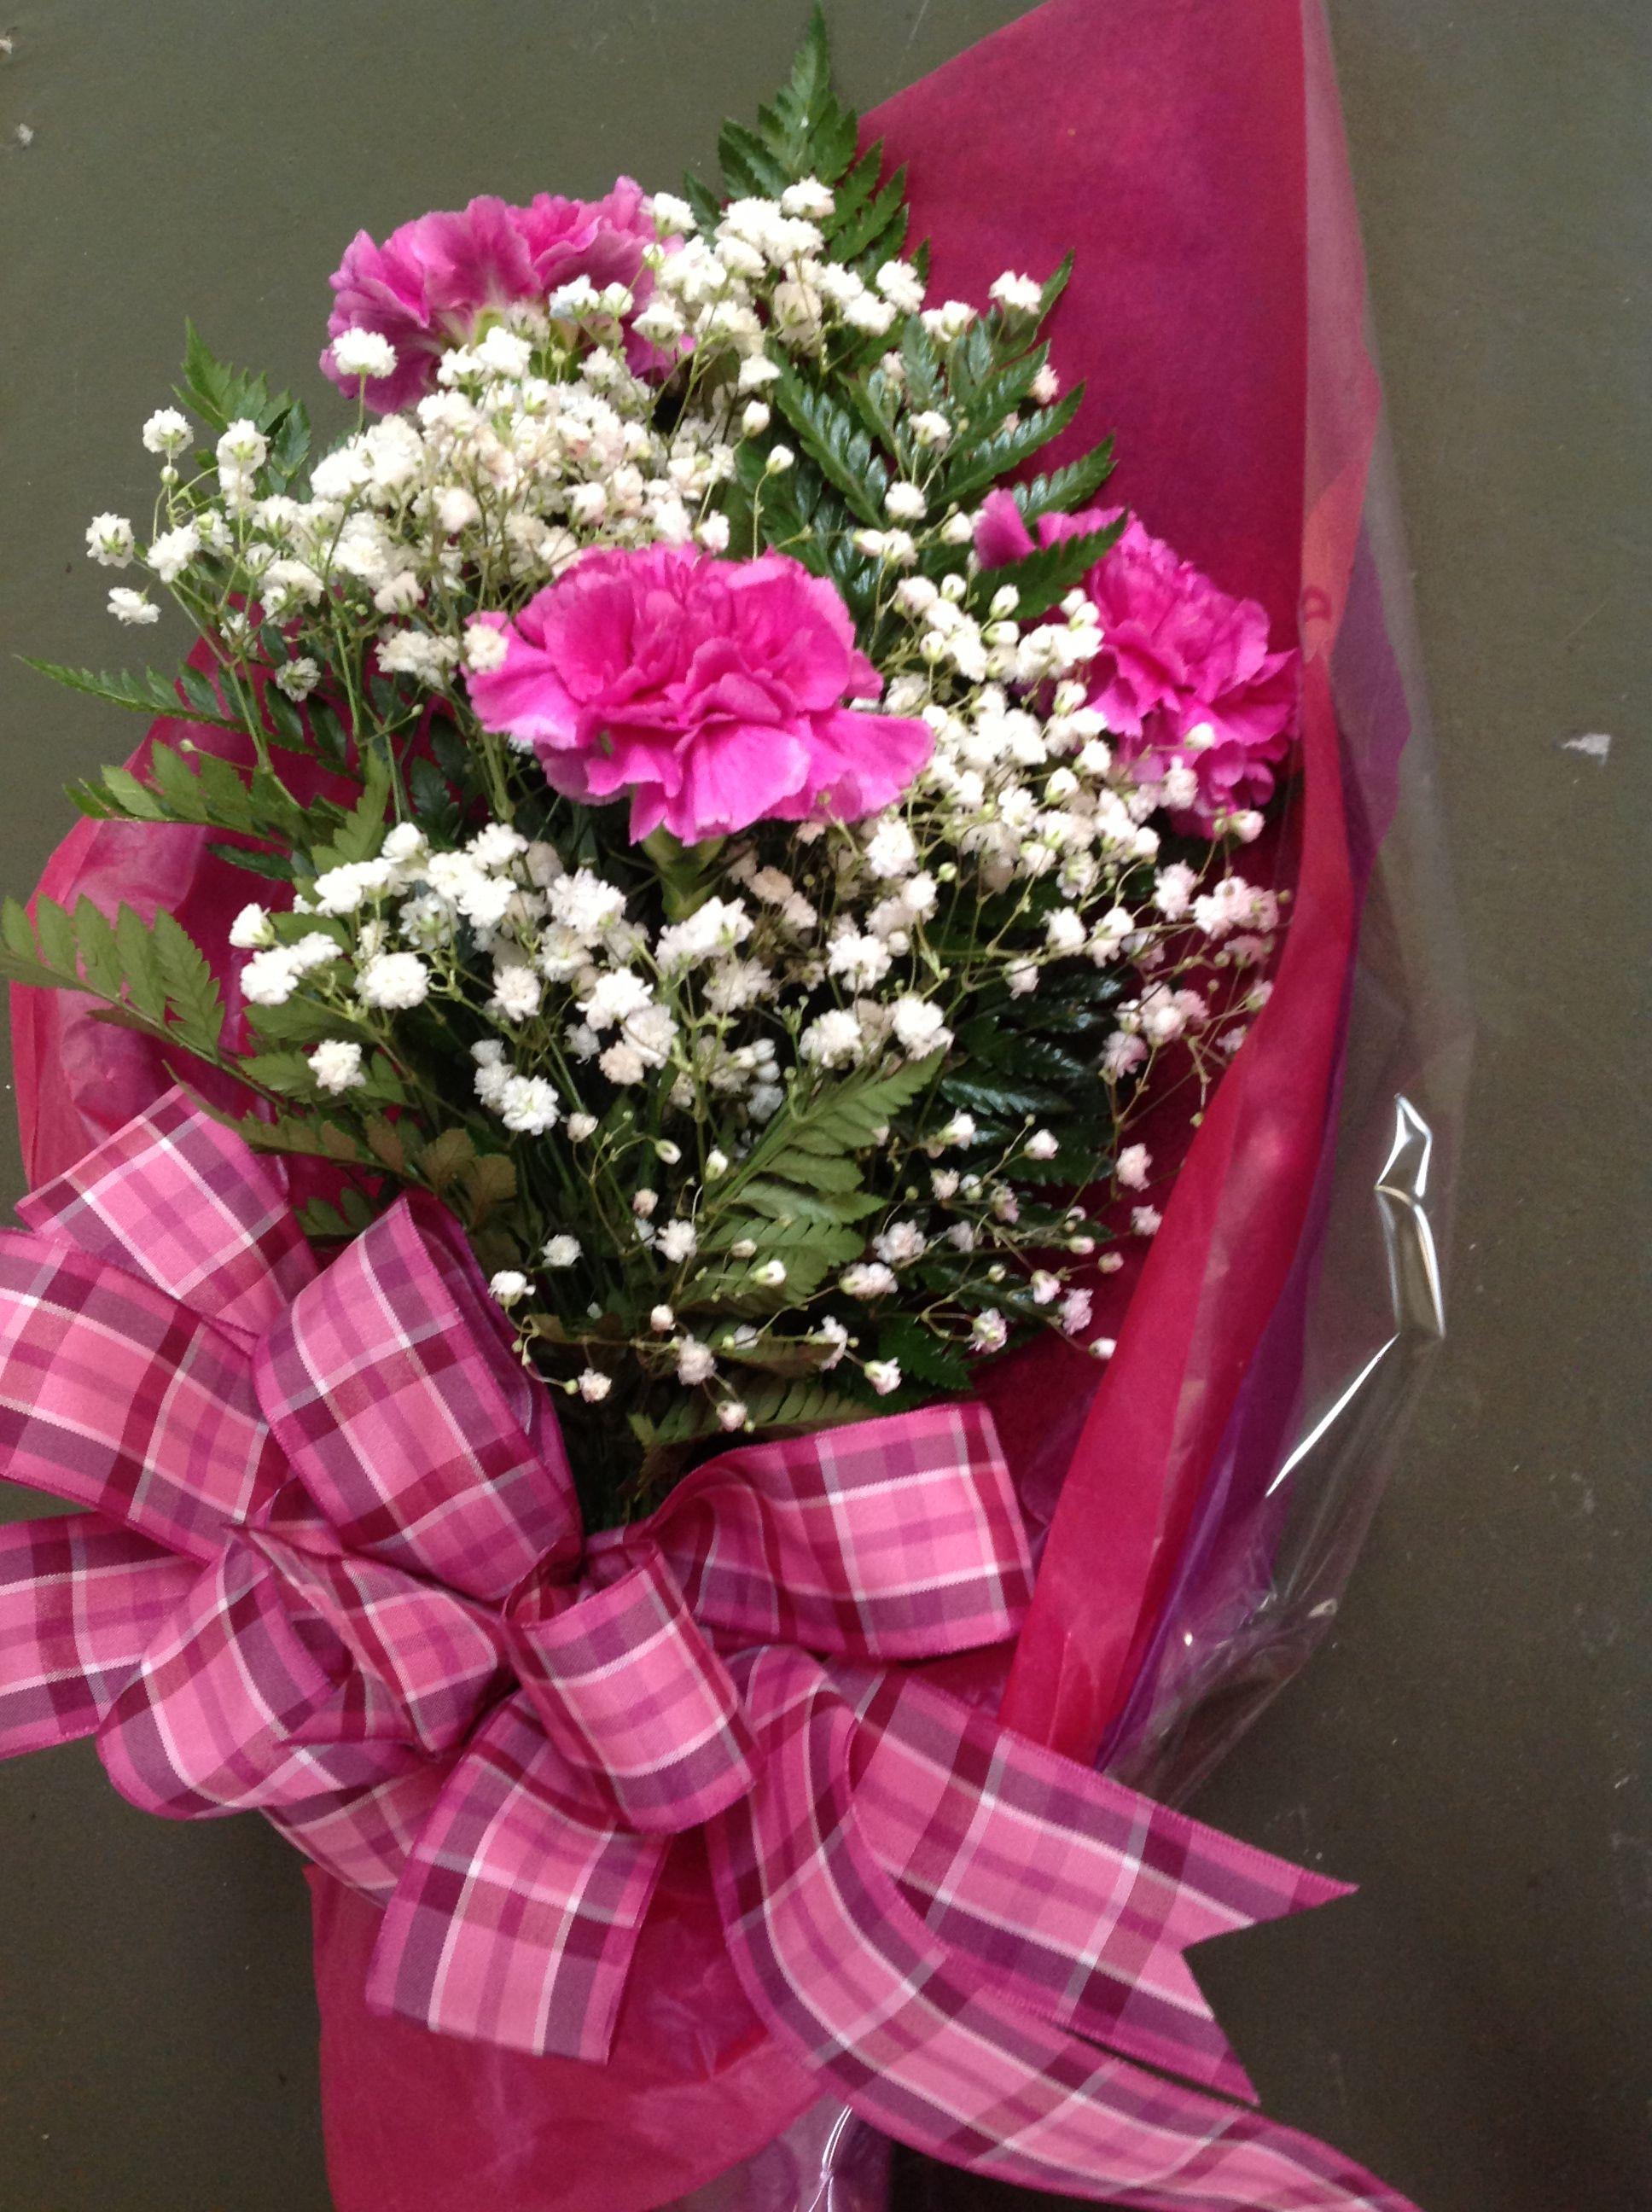 Recital Bouquet Pink Carnation Pink Carnations Flowers Bouquet Gift Flower Gift